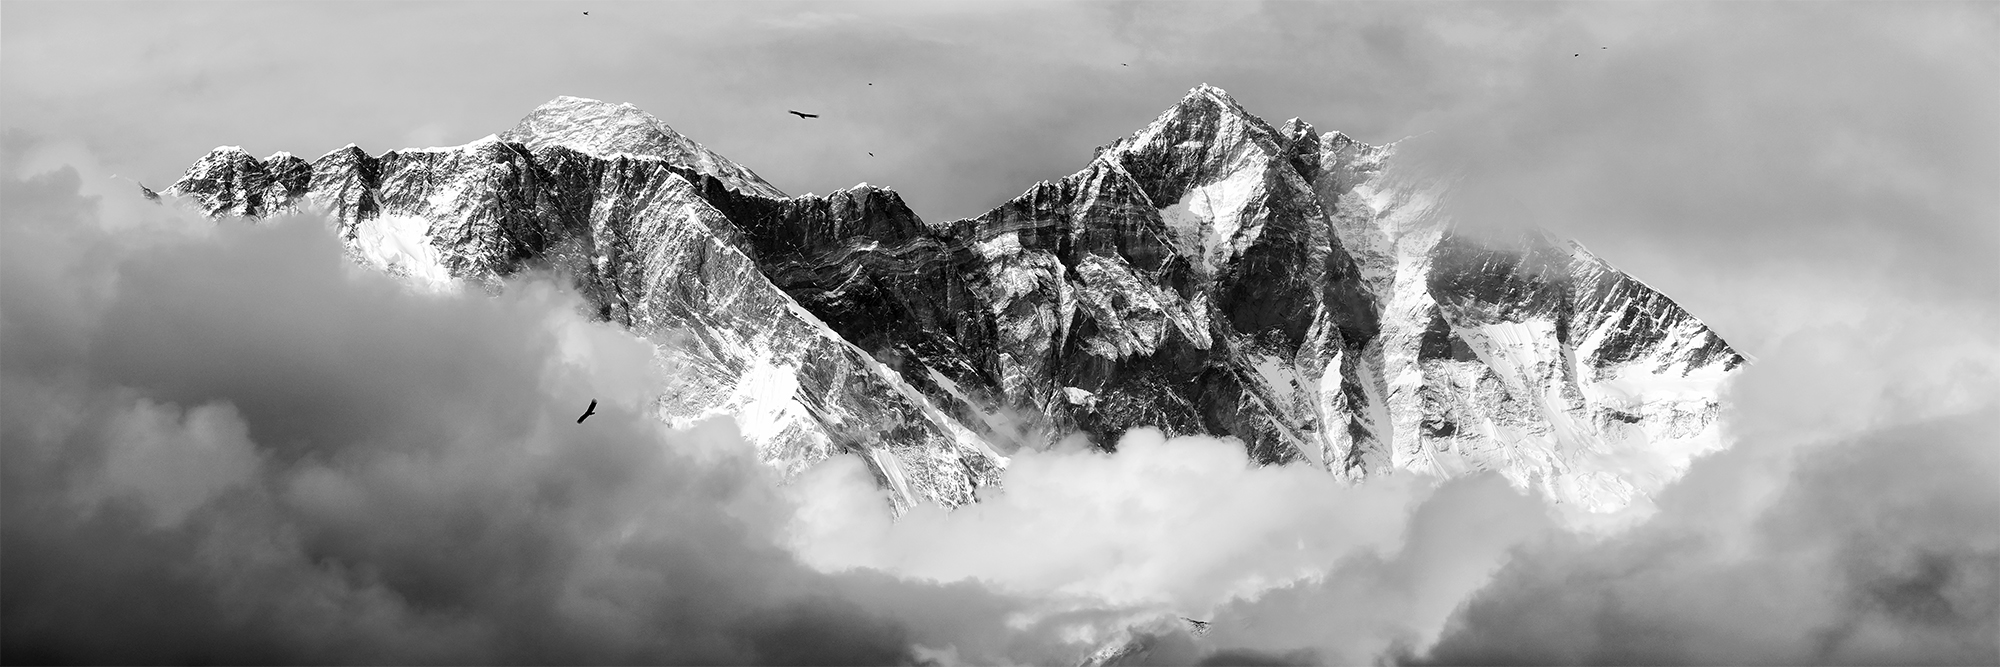 Everest_Lhotse_BW_resized.jpg